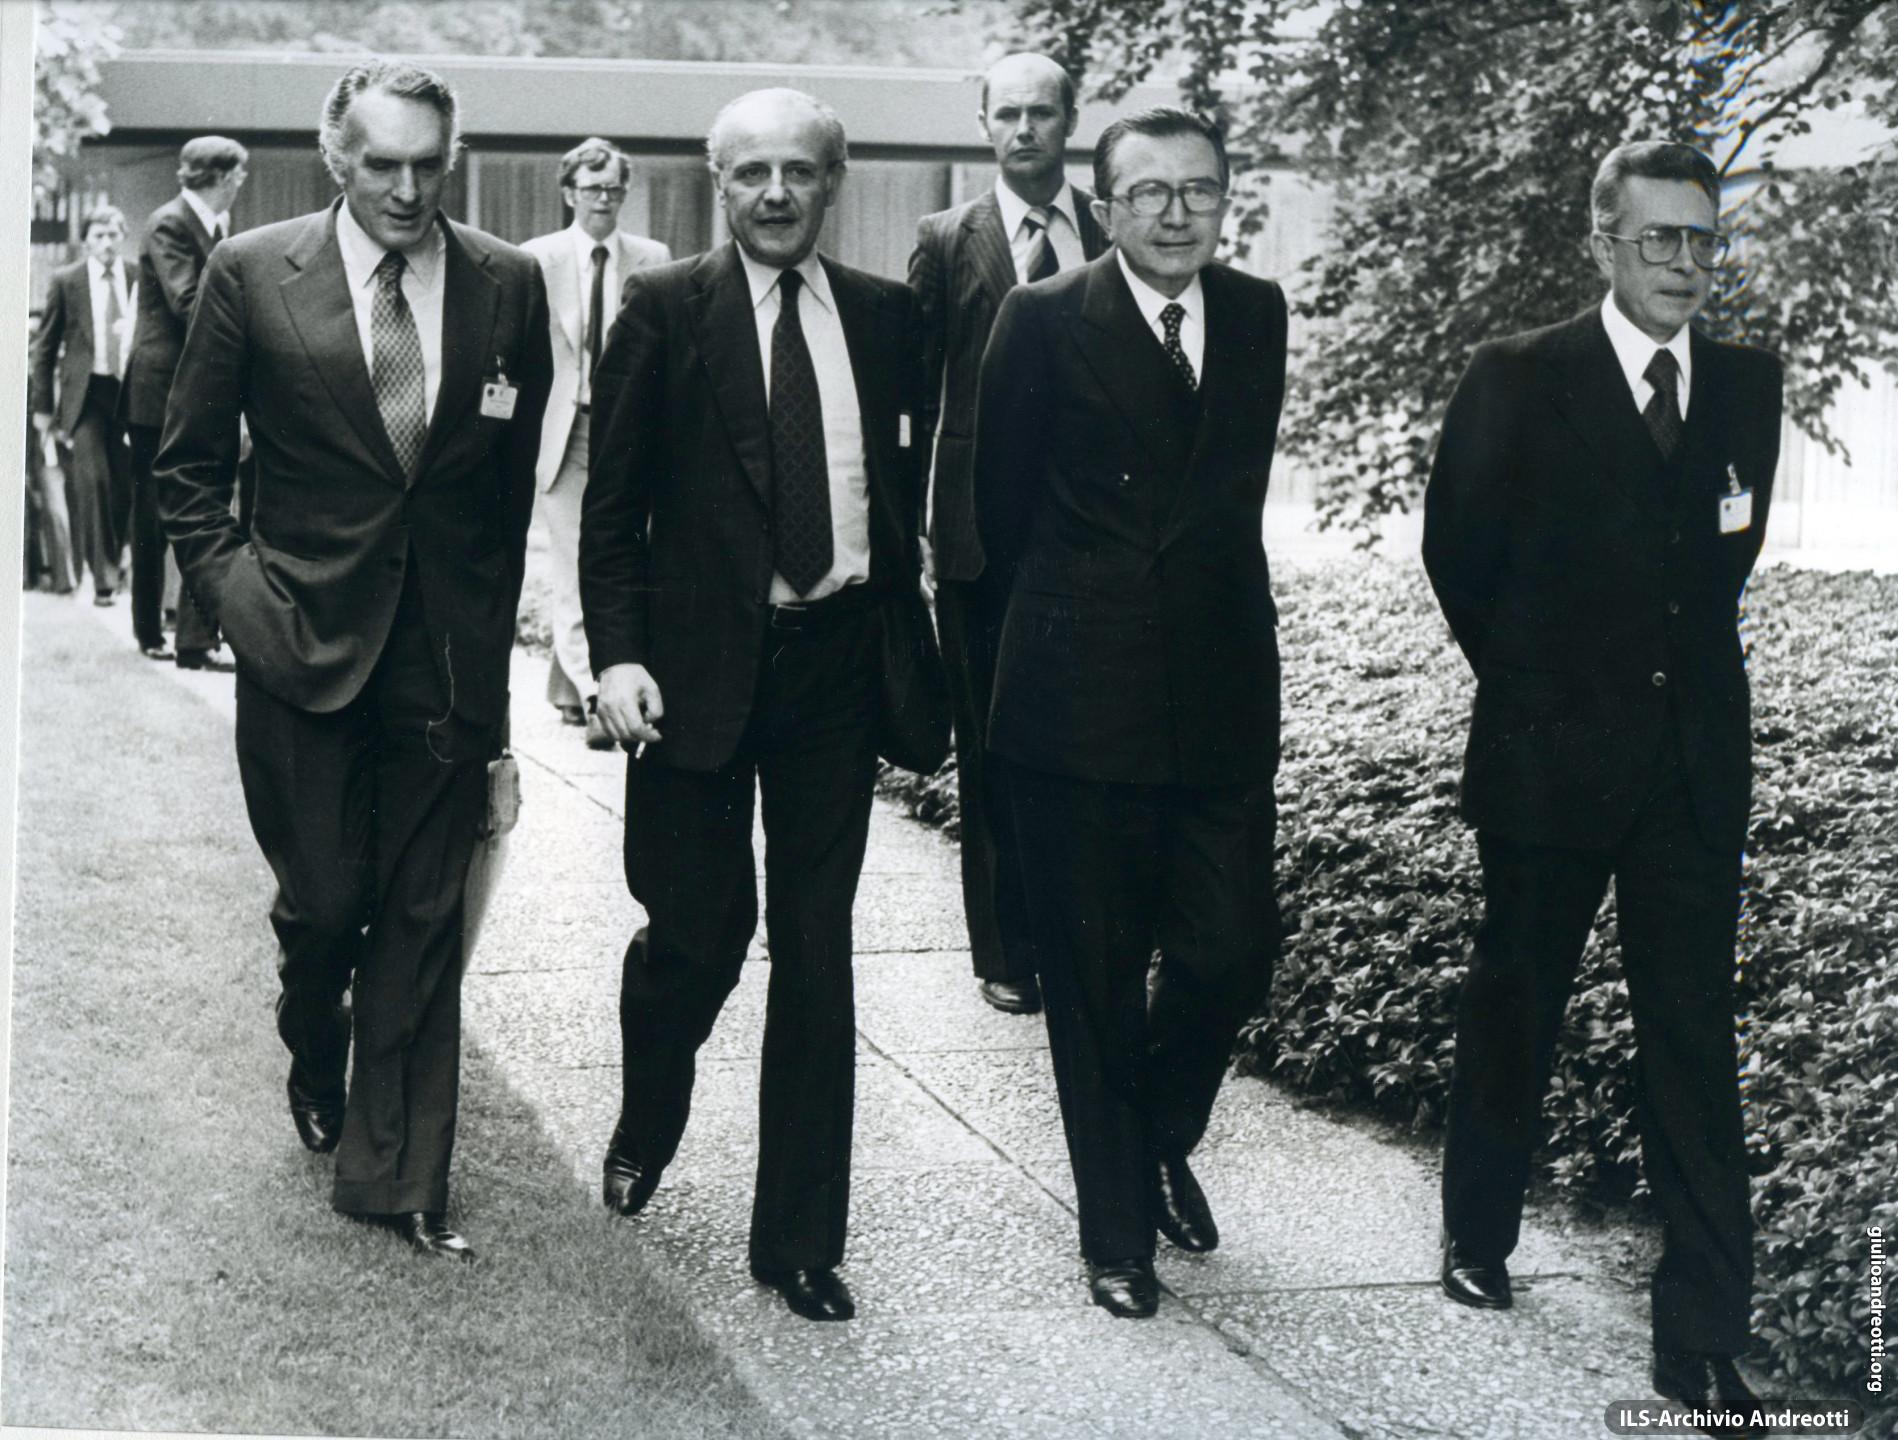 G7 di Bonn nei giorni 16-17 luglio 1978. Andreotti tra i ministri Pandolfi e Forlani durante una pausa dei lavori.